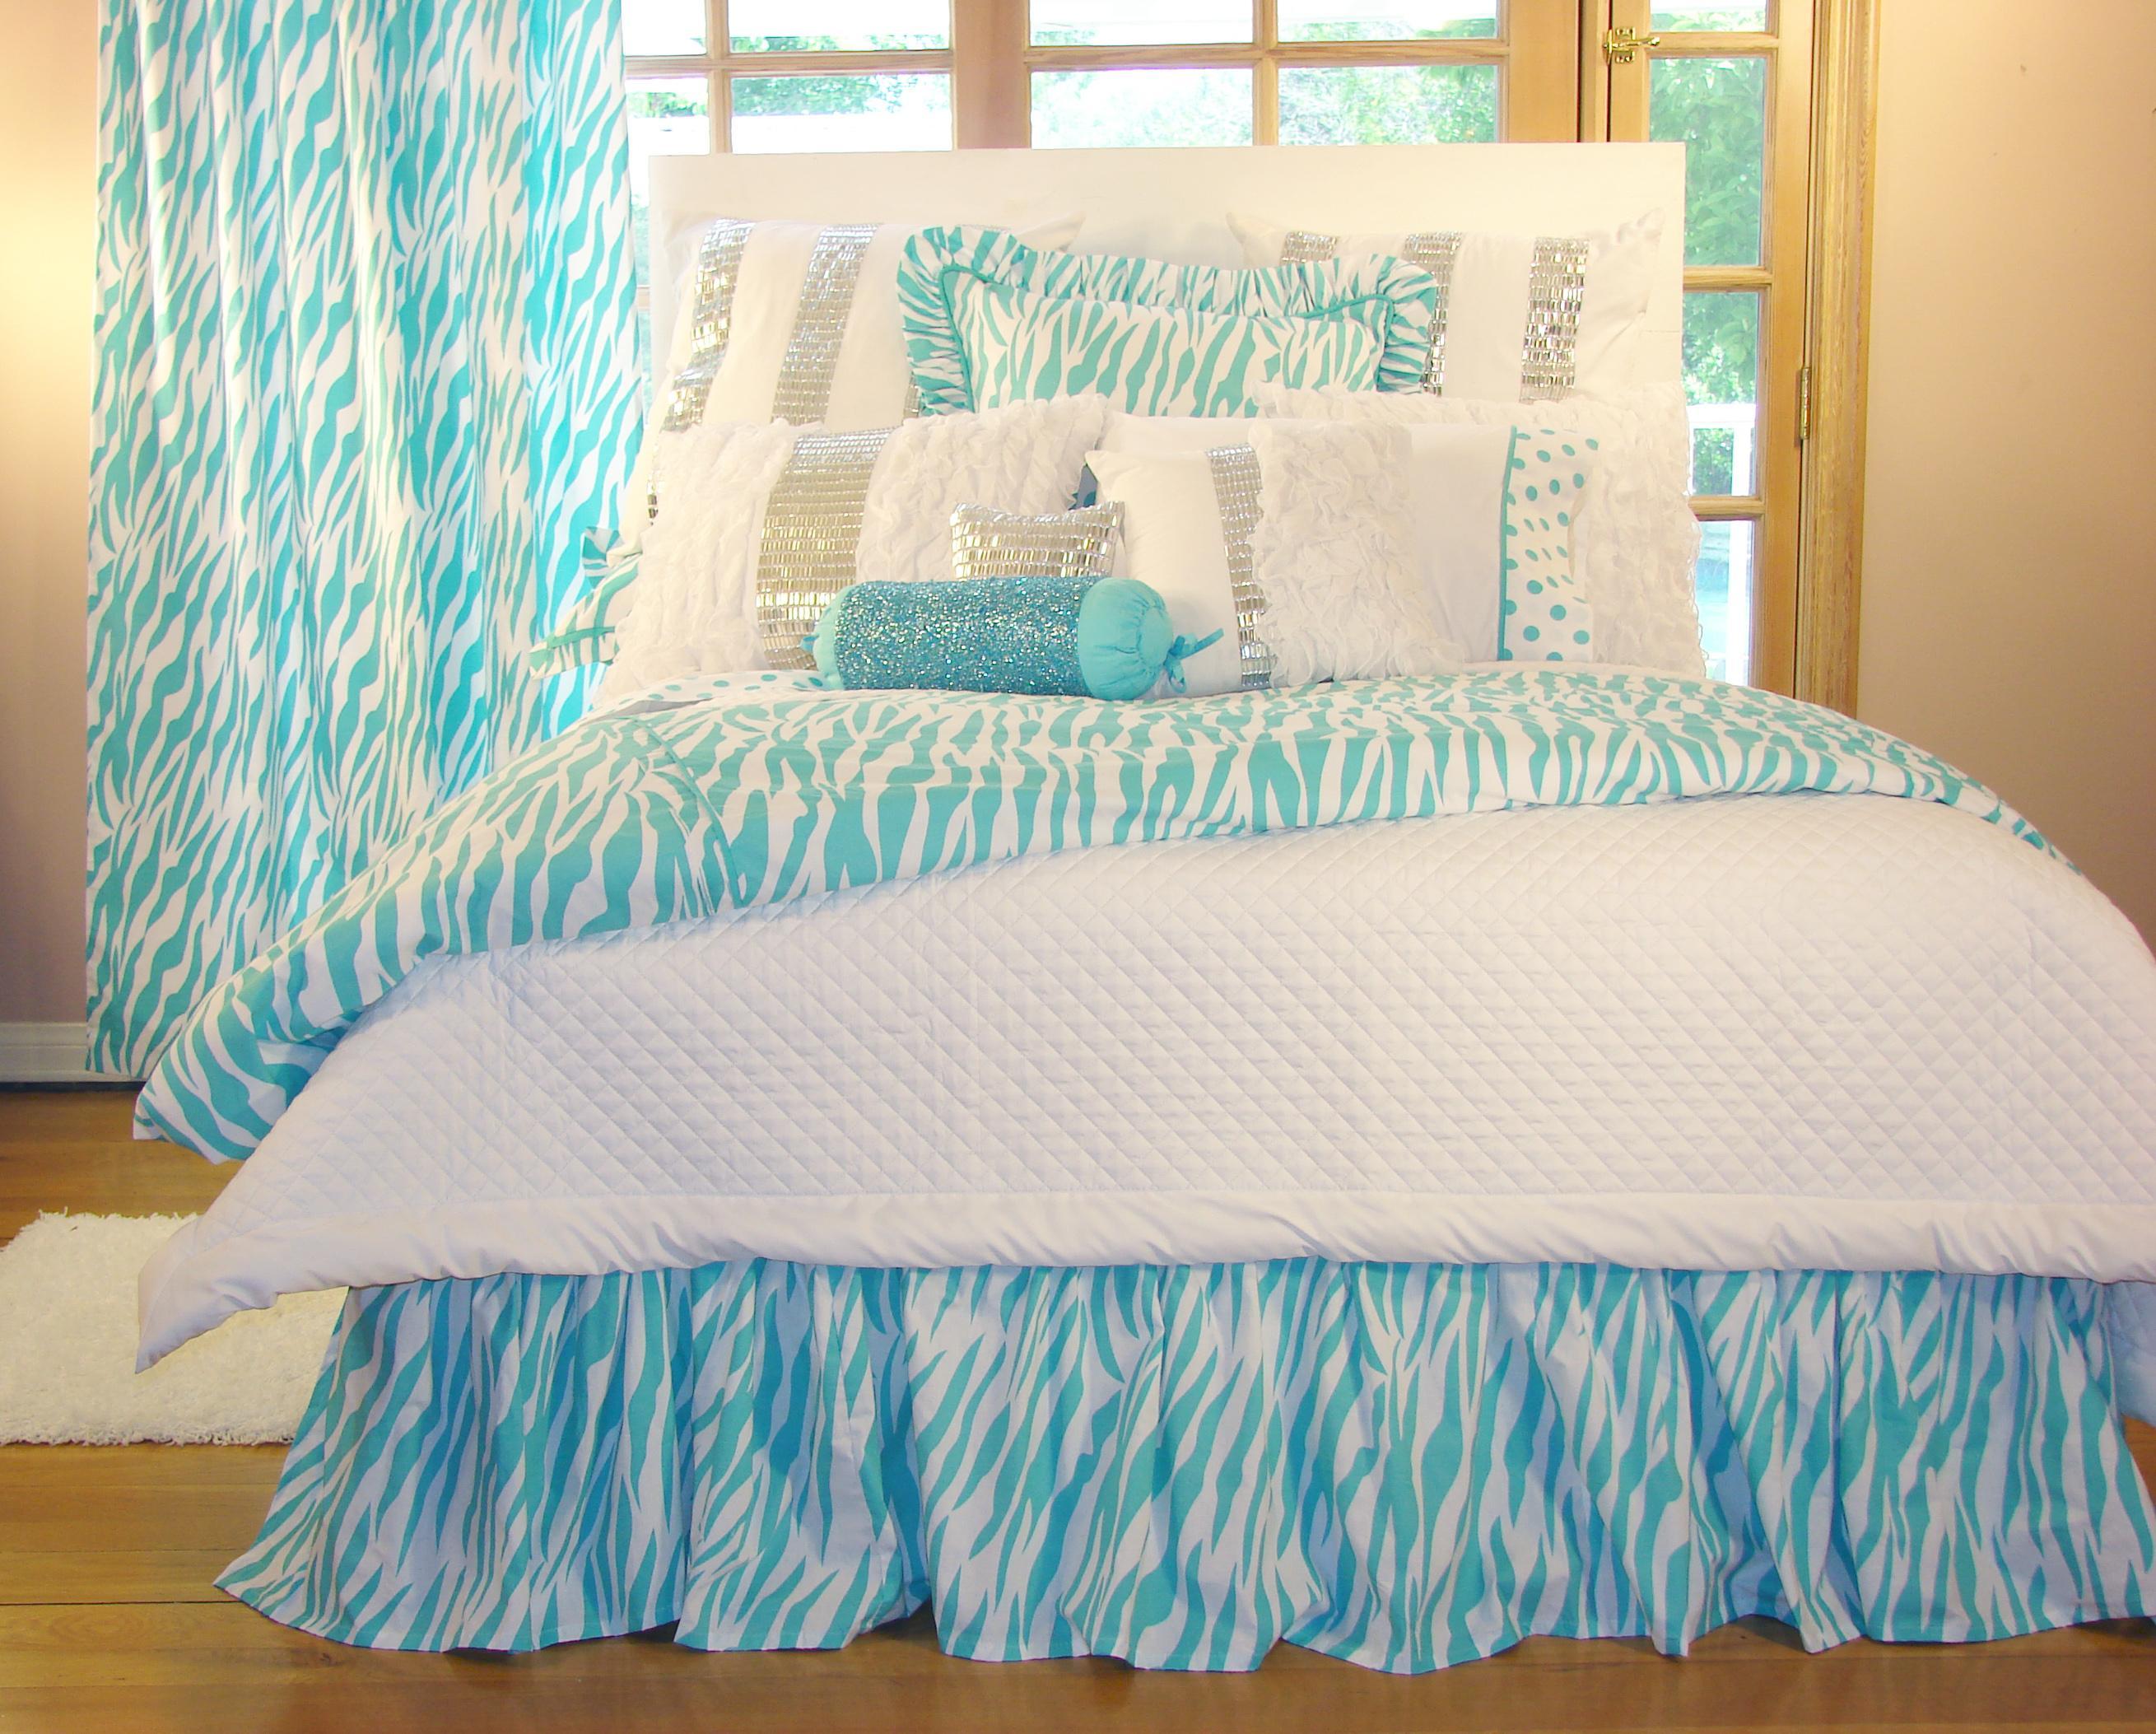 Turquoise Zebra Bedding